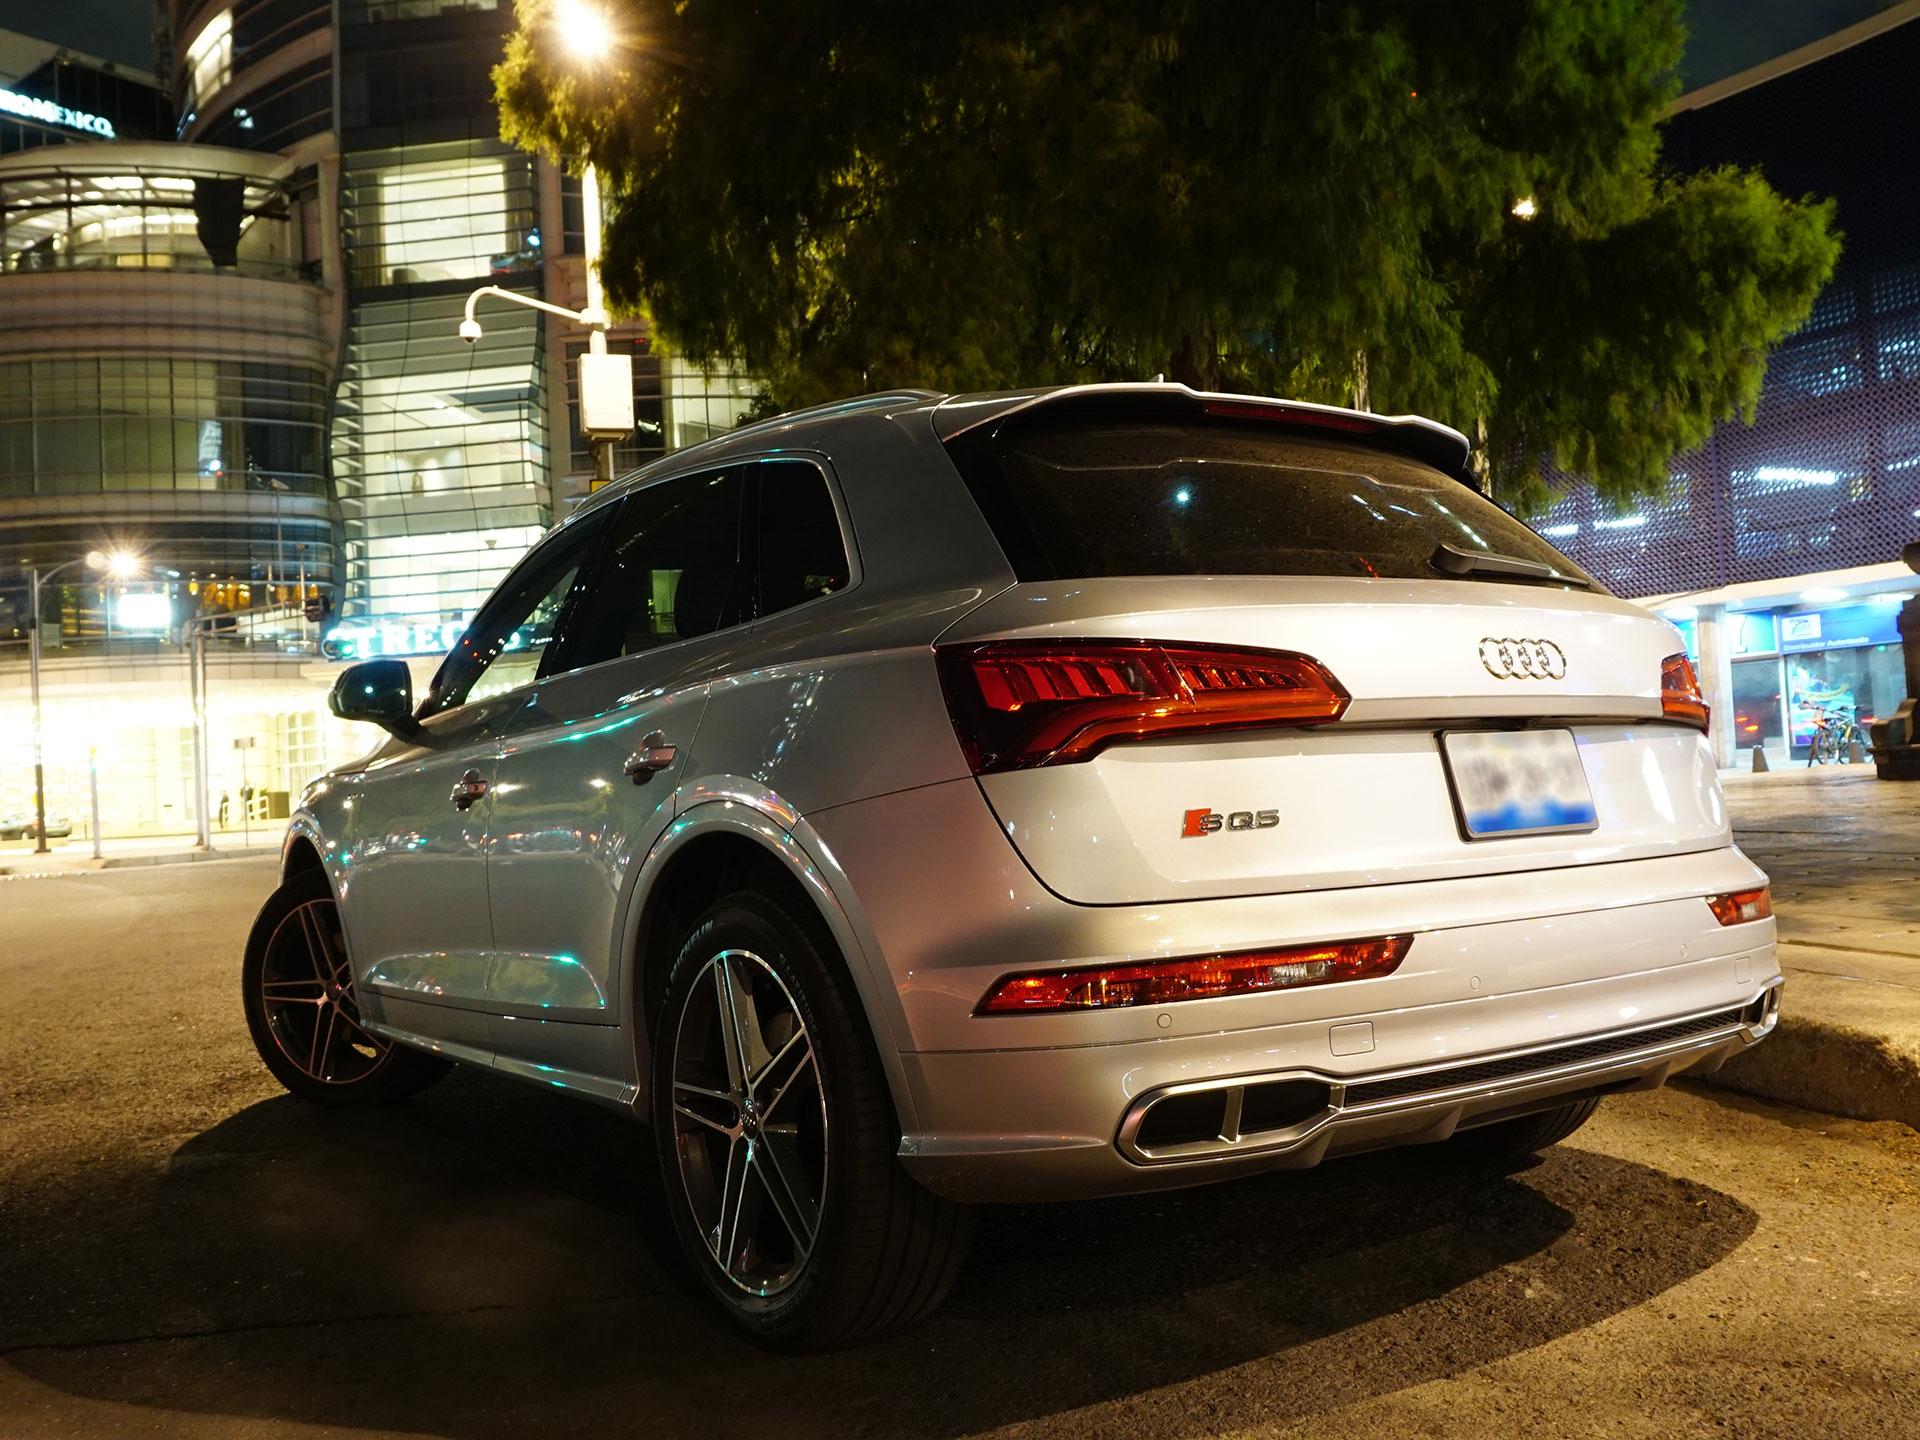 Esta camioneta se exporta a todos los mercados mundiales donde Audi la ofrece. Foto: Marco Robles